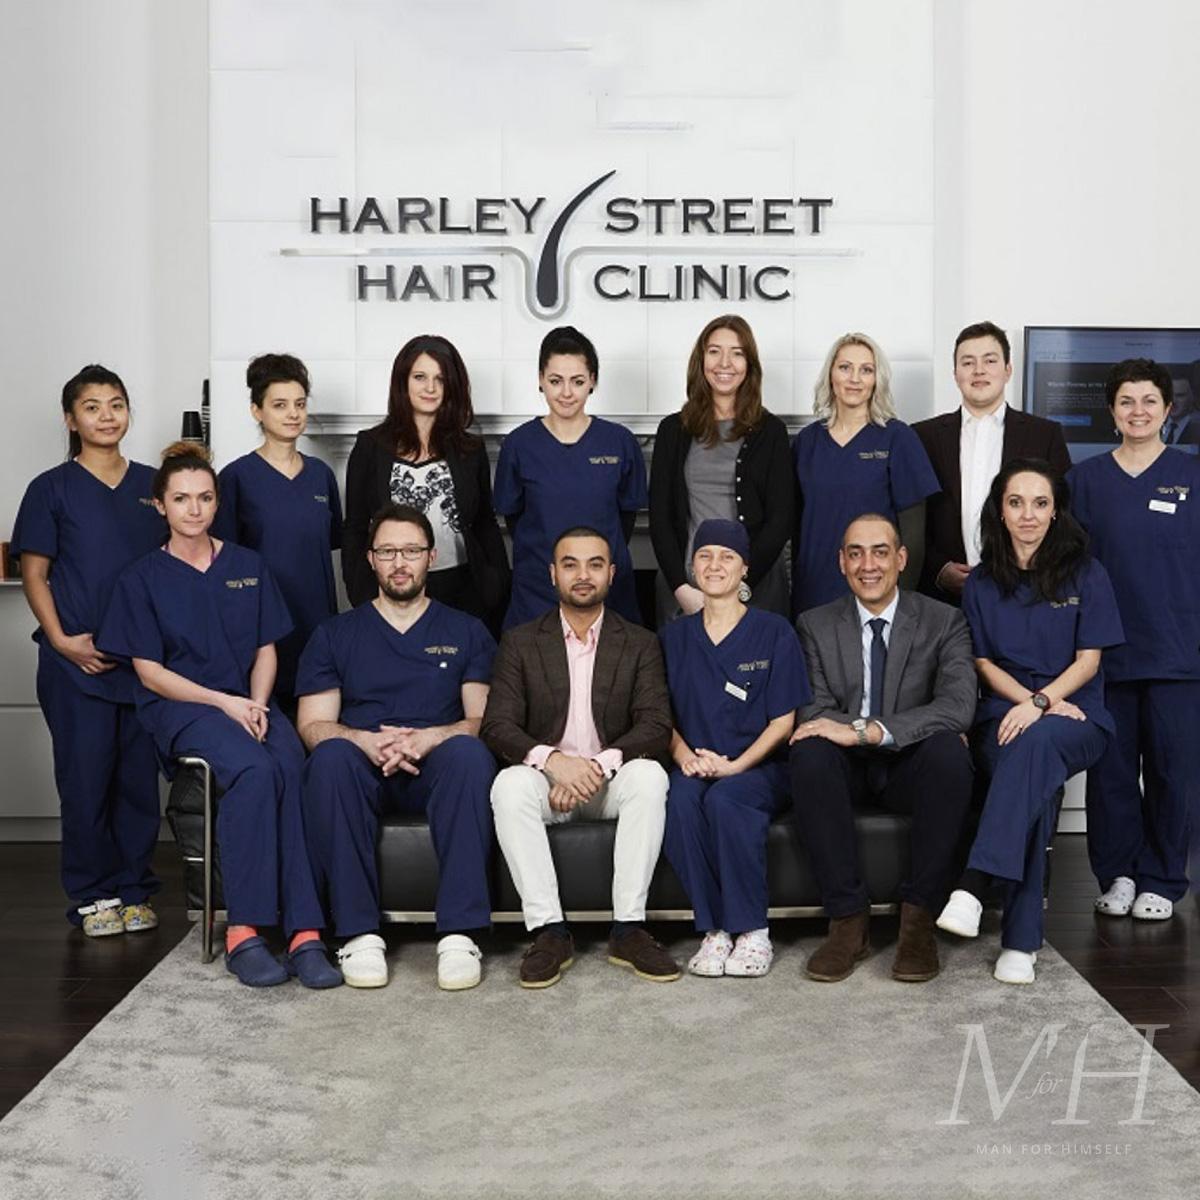 harley-streey-hair-clinic-team-man-for-himself